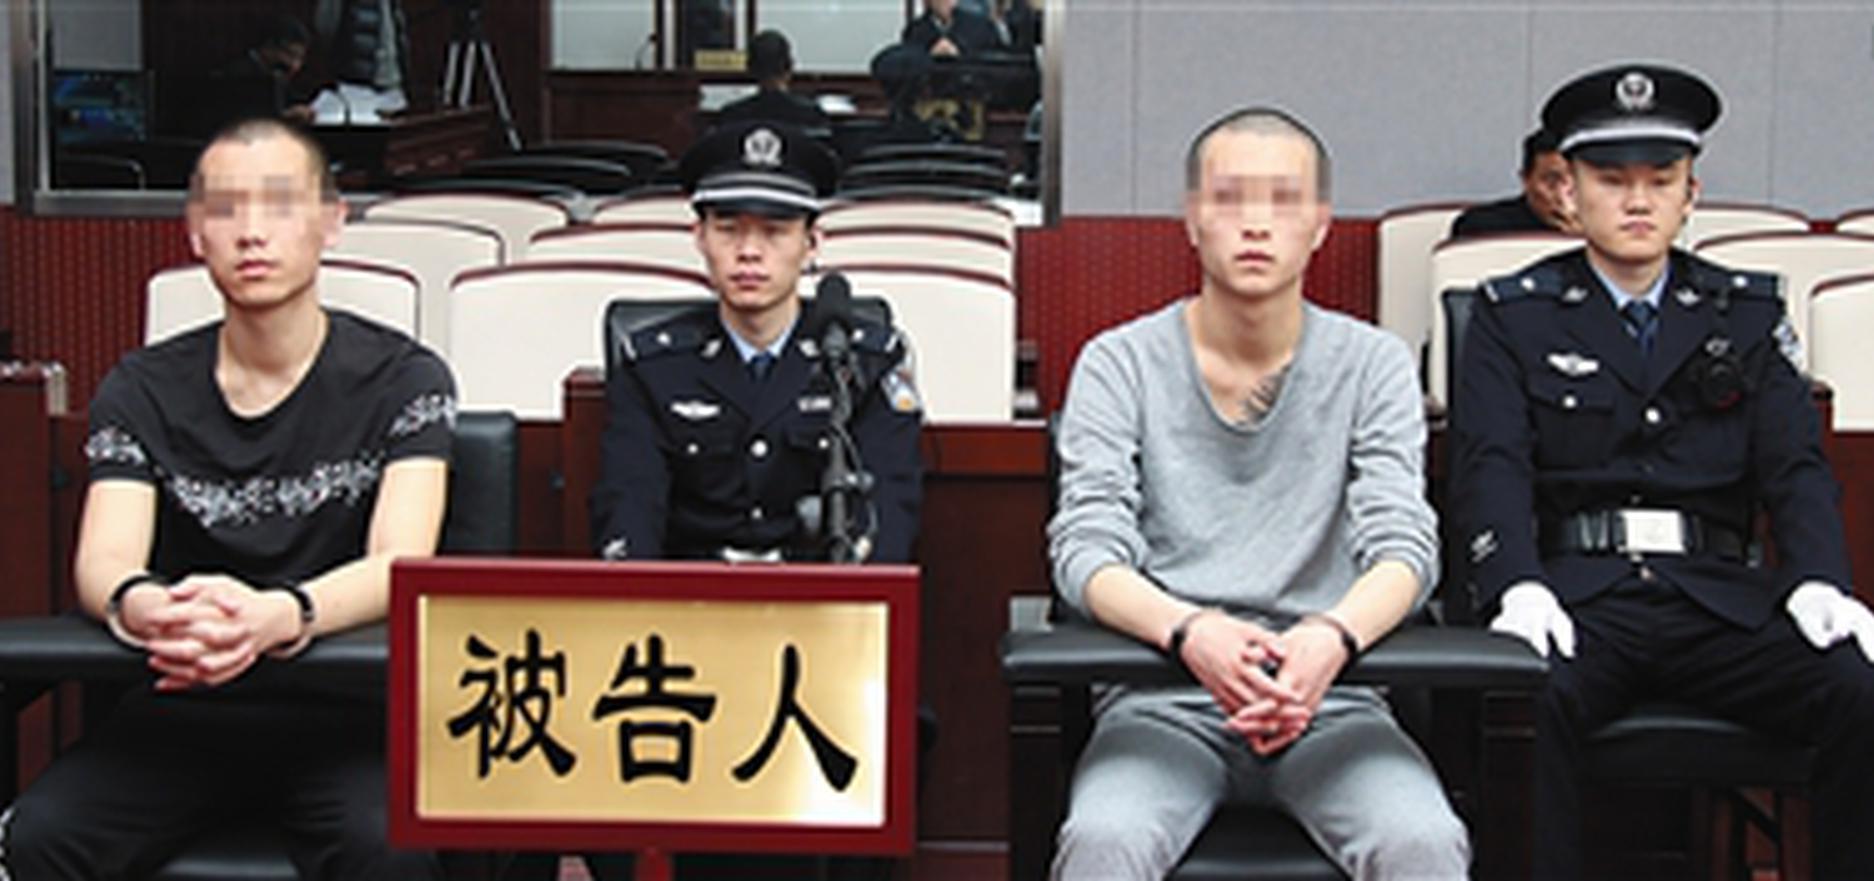 少年14岁时与他人用腰带勒死女司机 7年后自首获刑8年